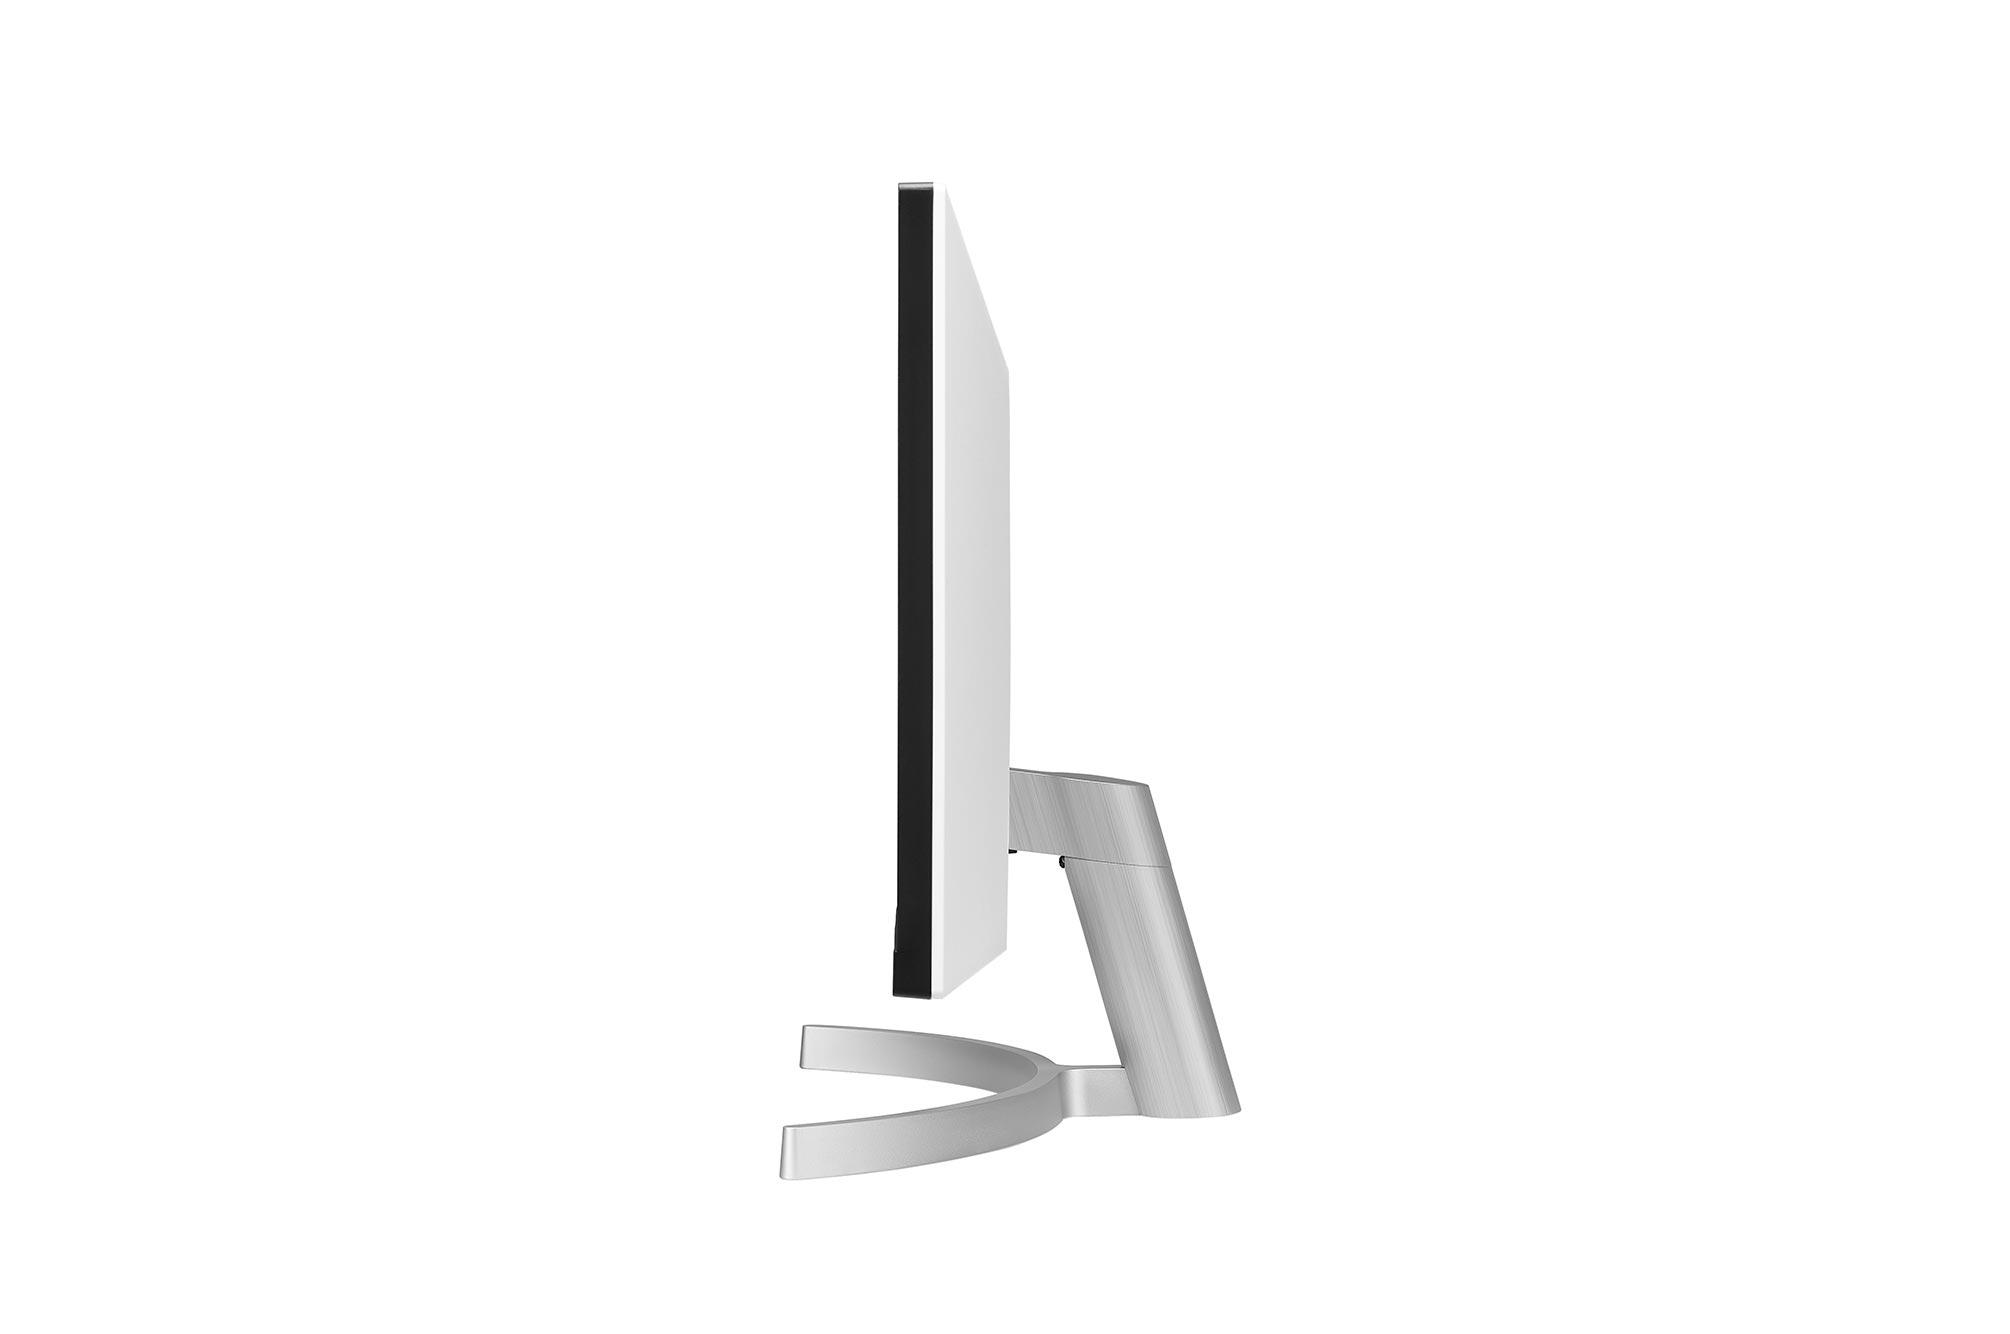 מסך מחשב מקצועי 29 אינטש LG 29WN600W אל ג'י - תמונה 5